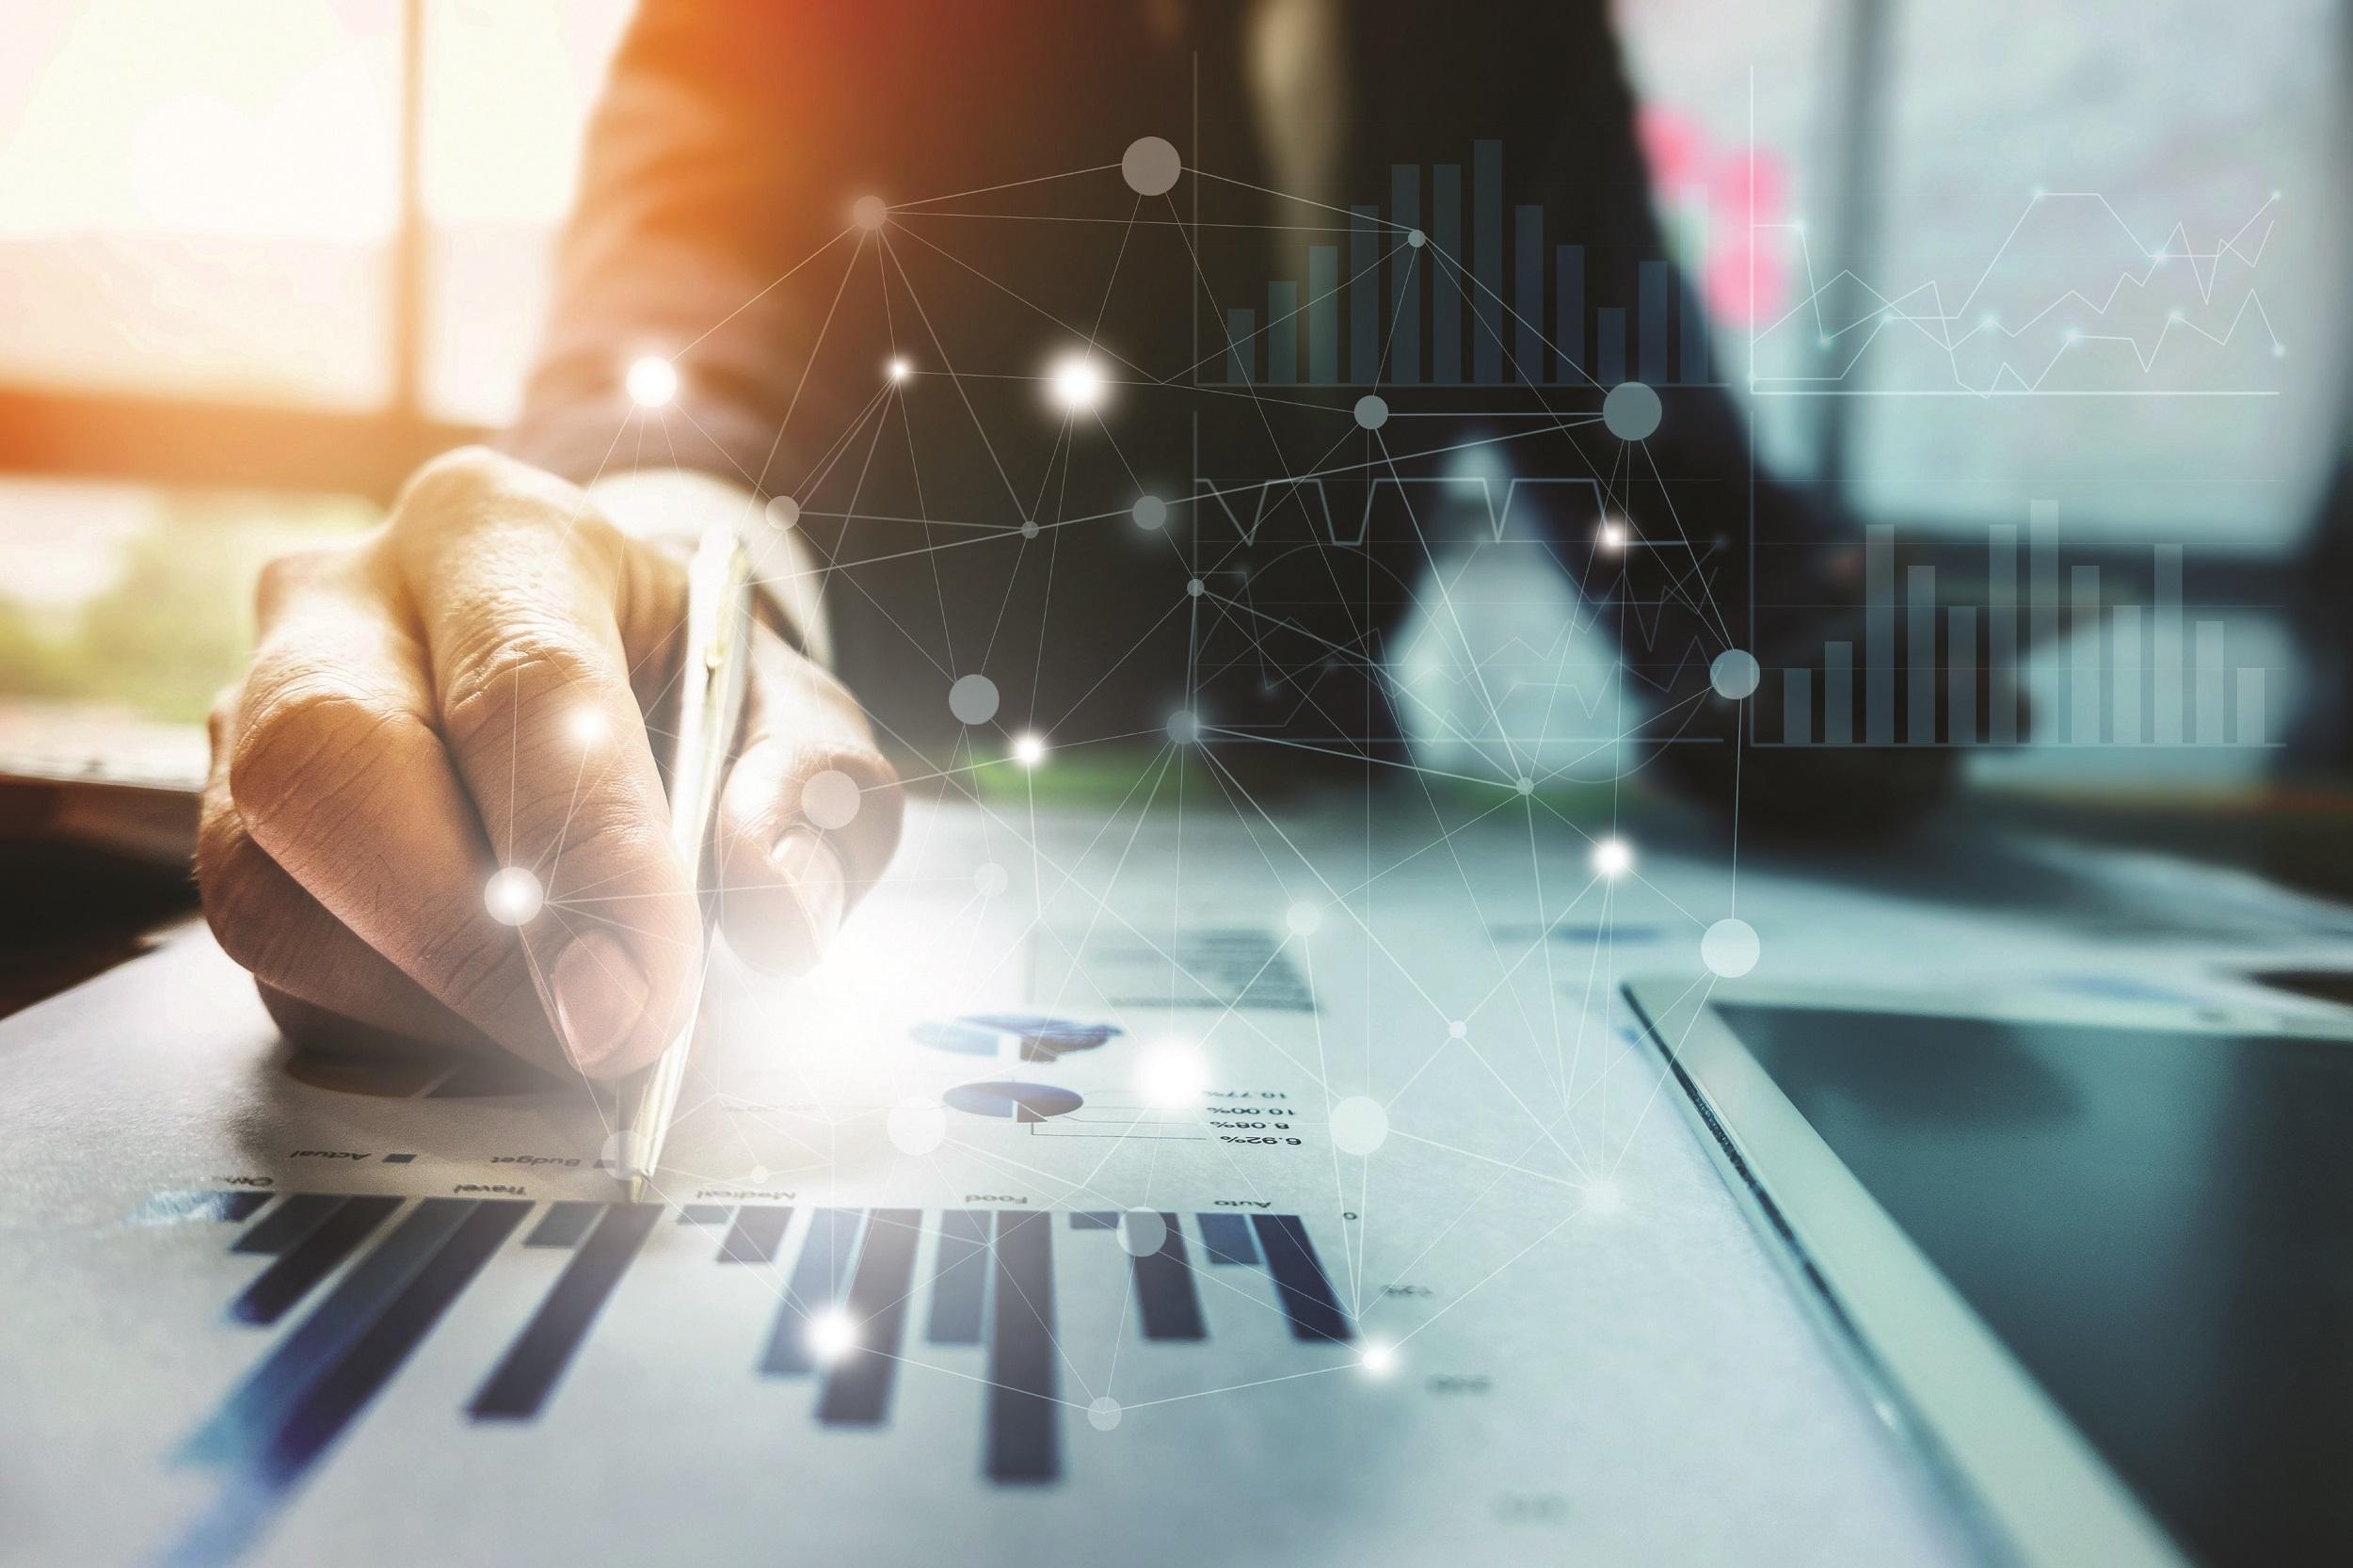 شروع سرمایهگذاری در سهام – قسمت سی و سوم